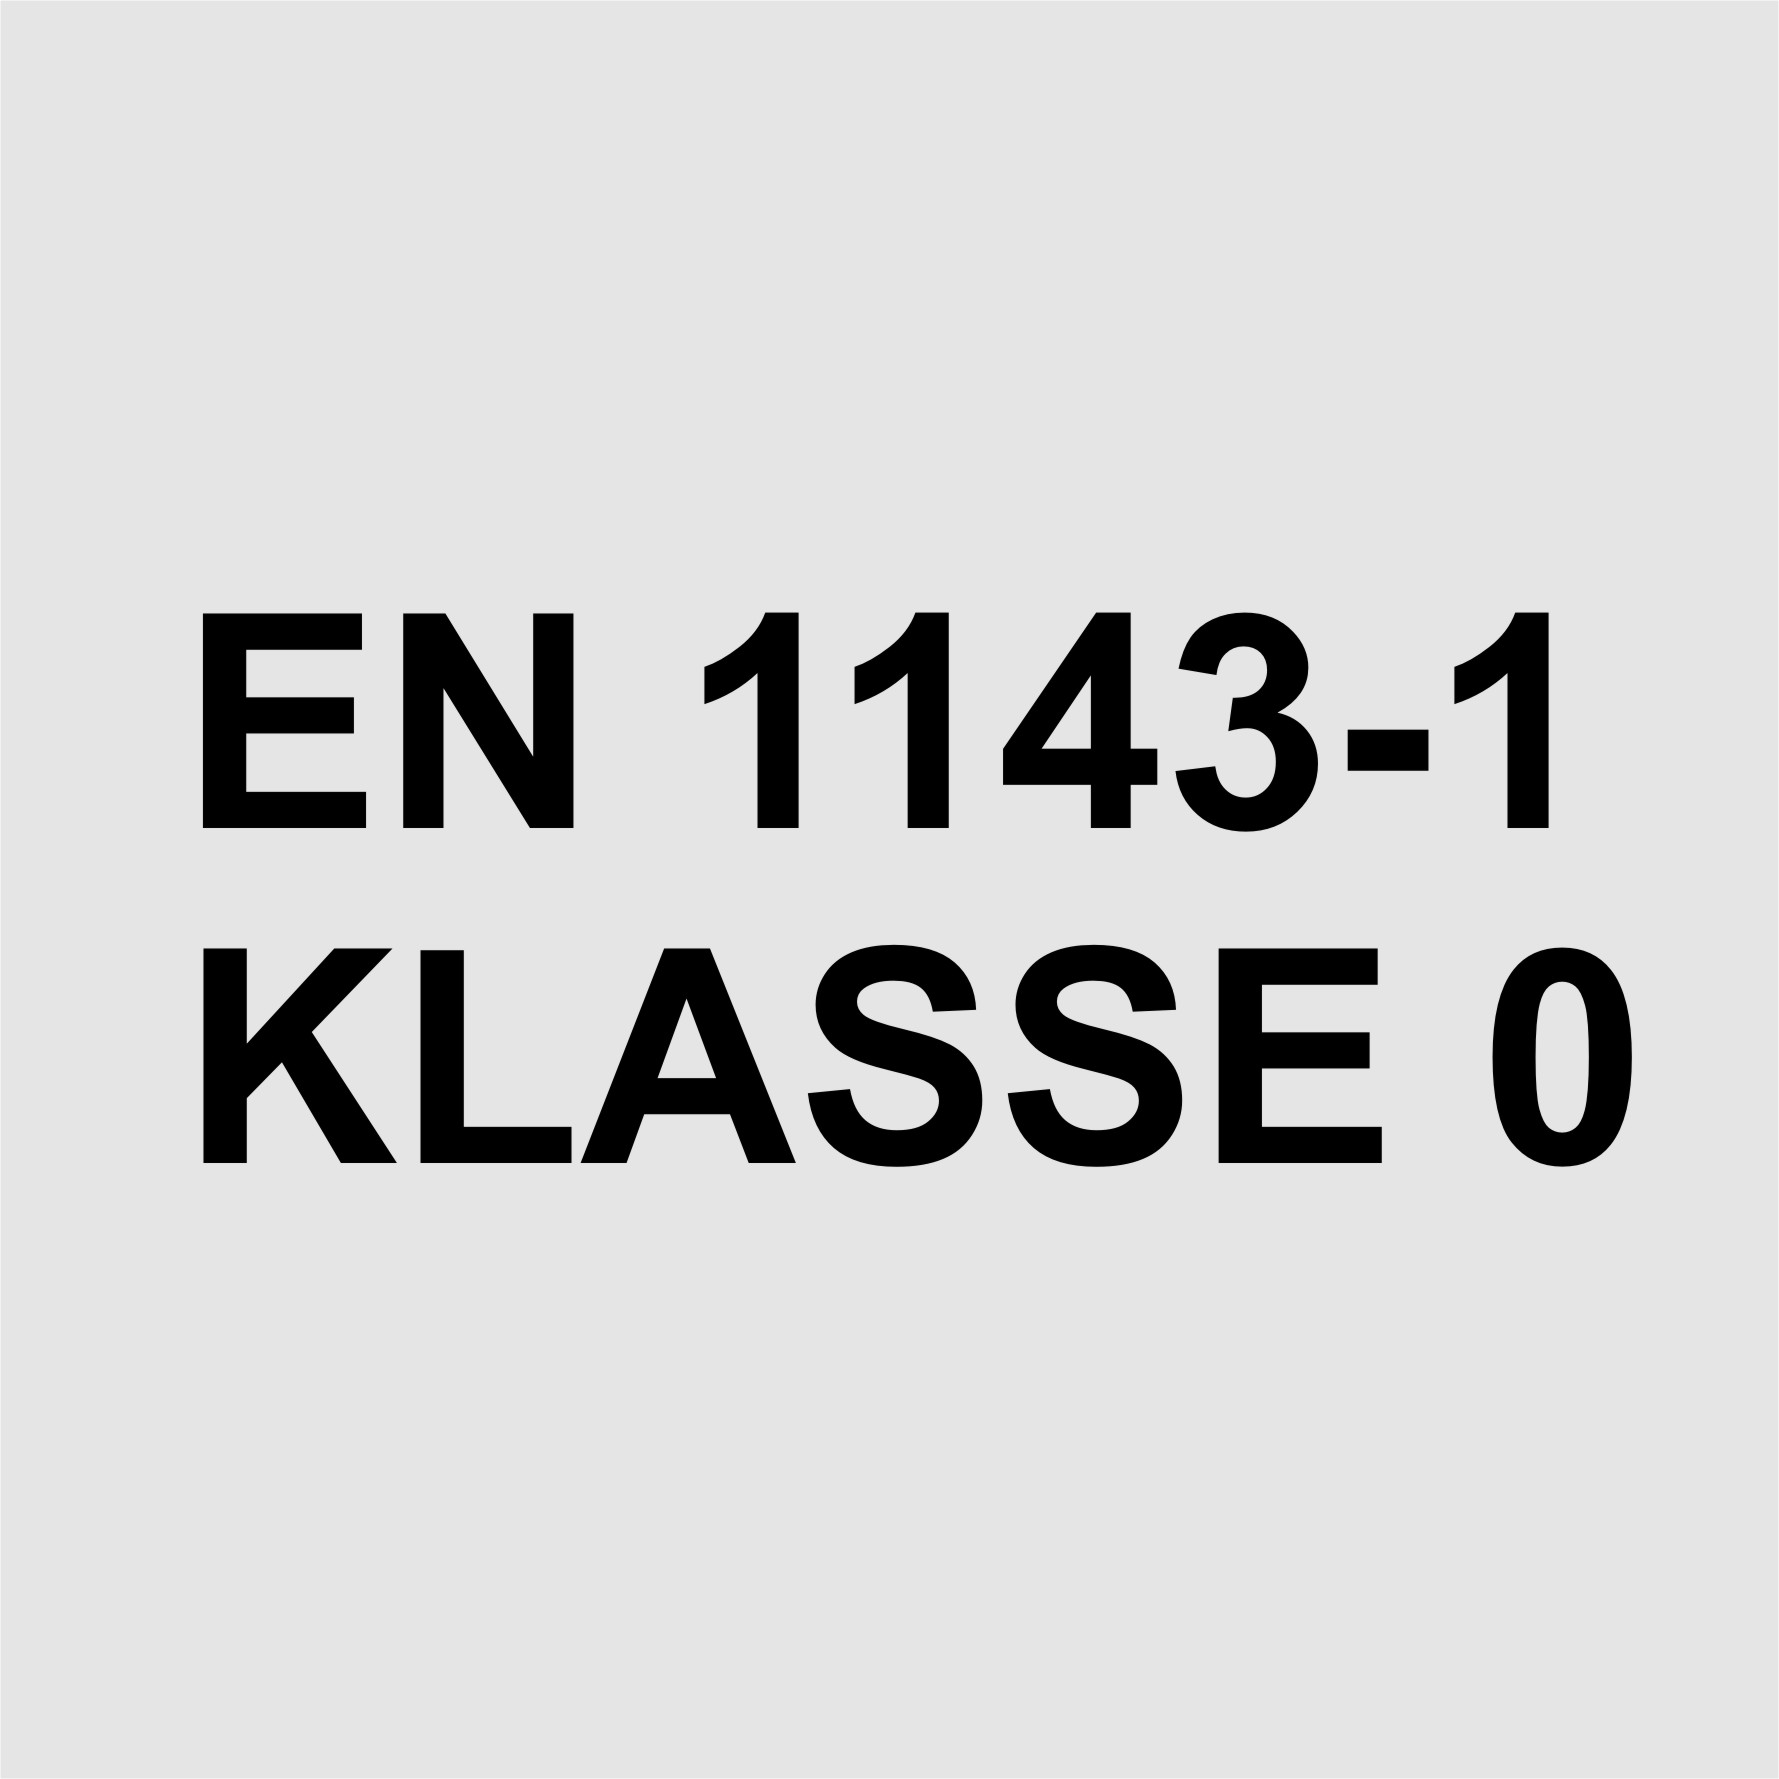 Klasse 0 nach EN 1143-1 1.324,00 €